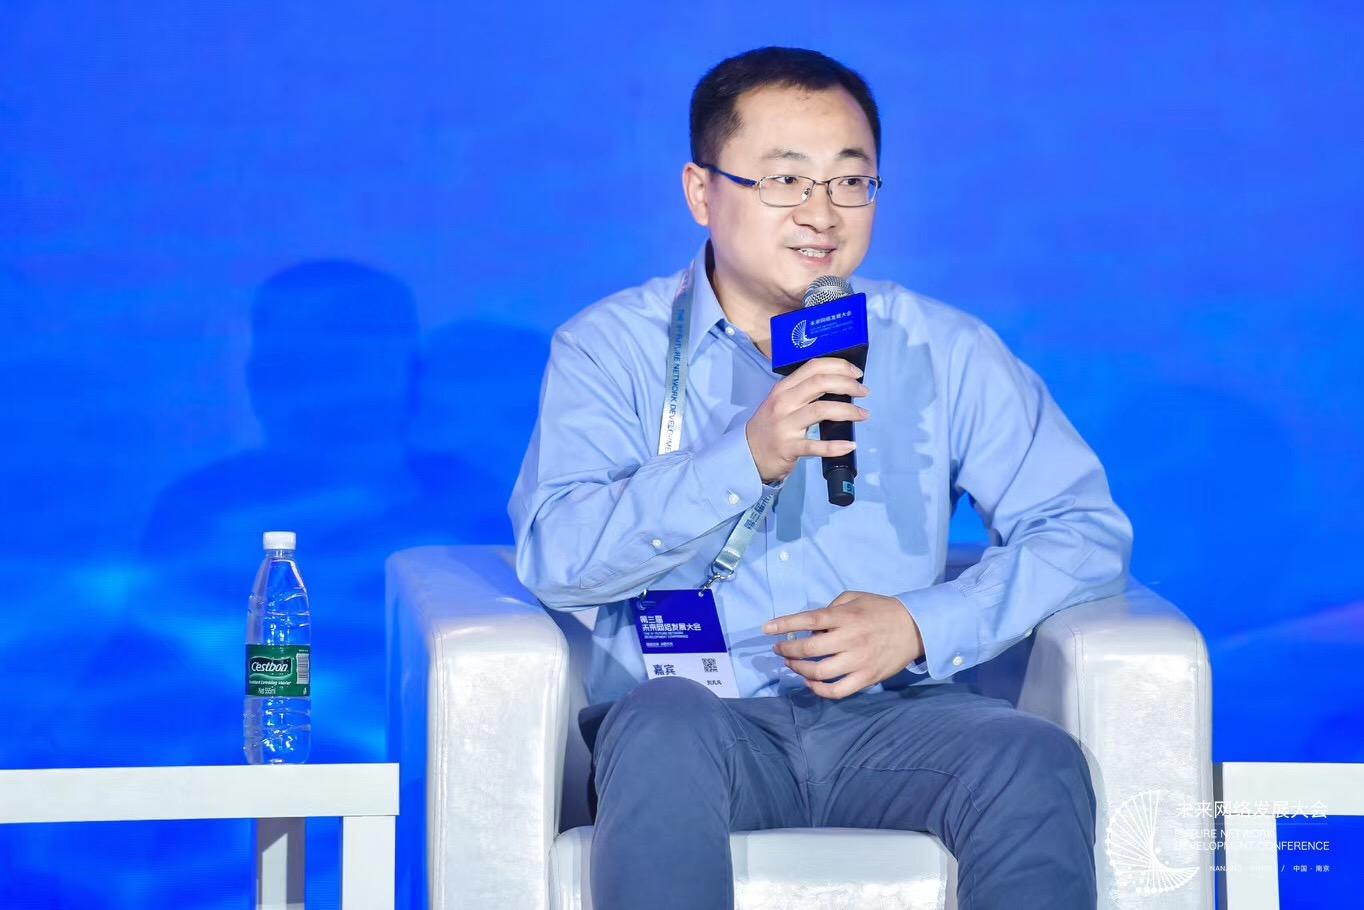 小鹏汽车互联网(上海)副总裁刘凡凡